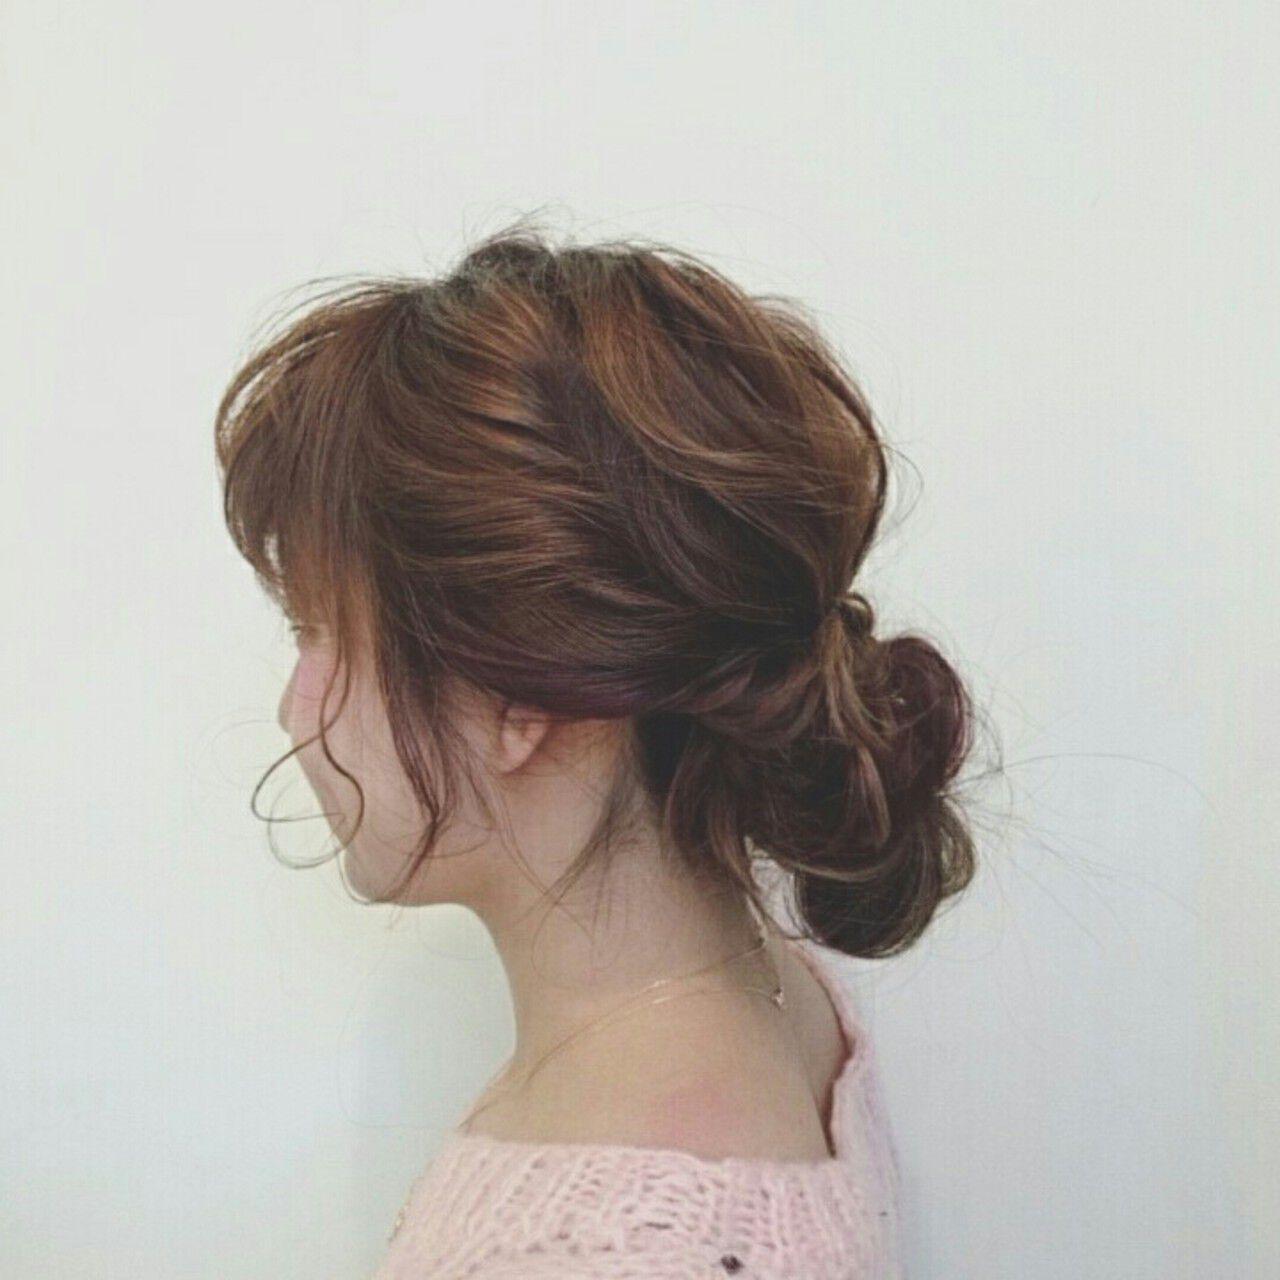 波ウェーブ ヘアアレンジ 簡単ヘアアレンジ 無造作ヘアスタイルや髪型の写真・画像